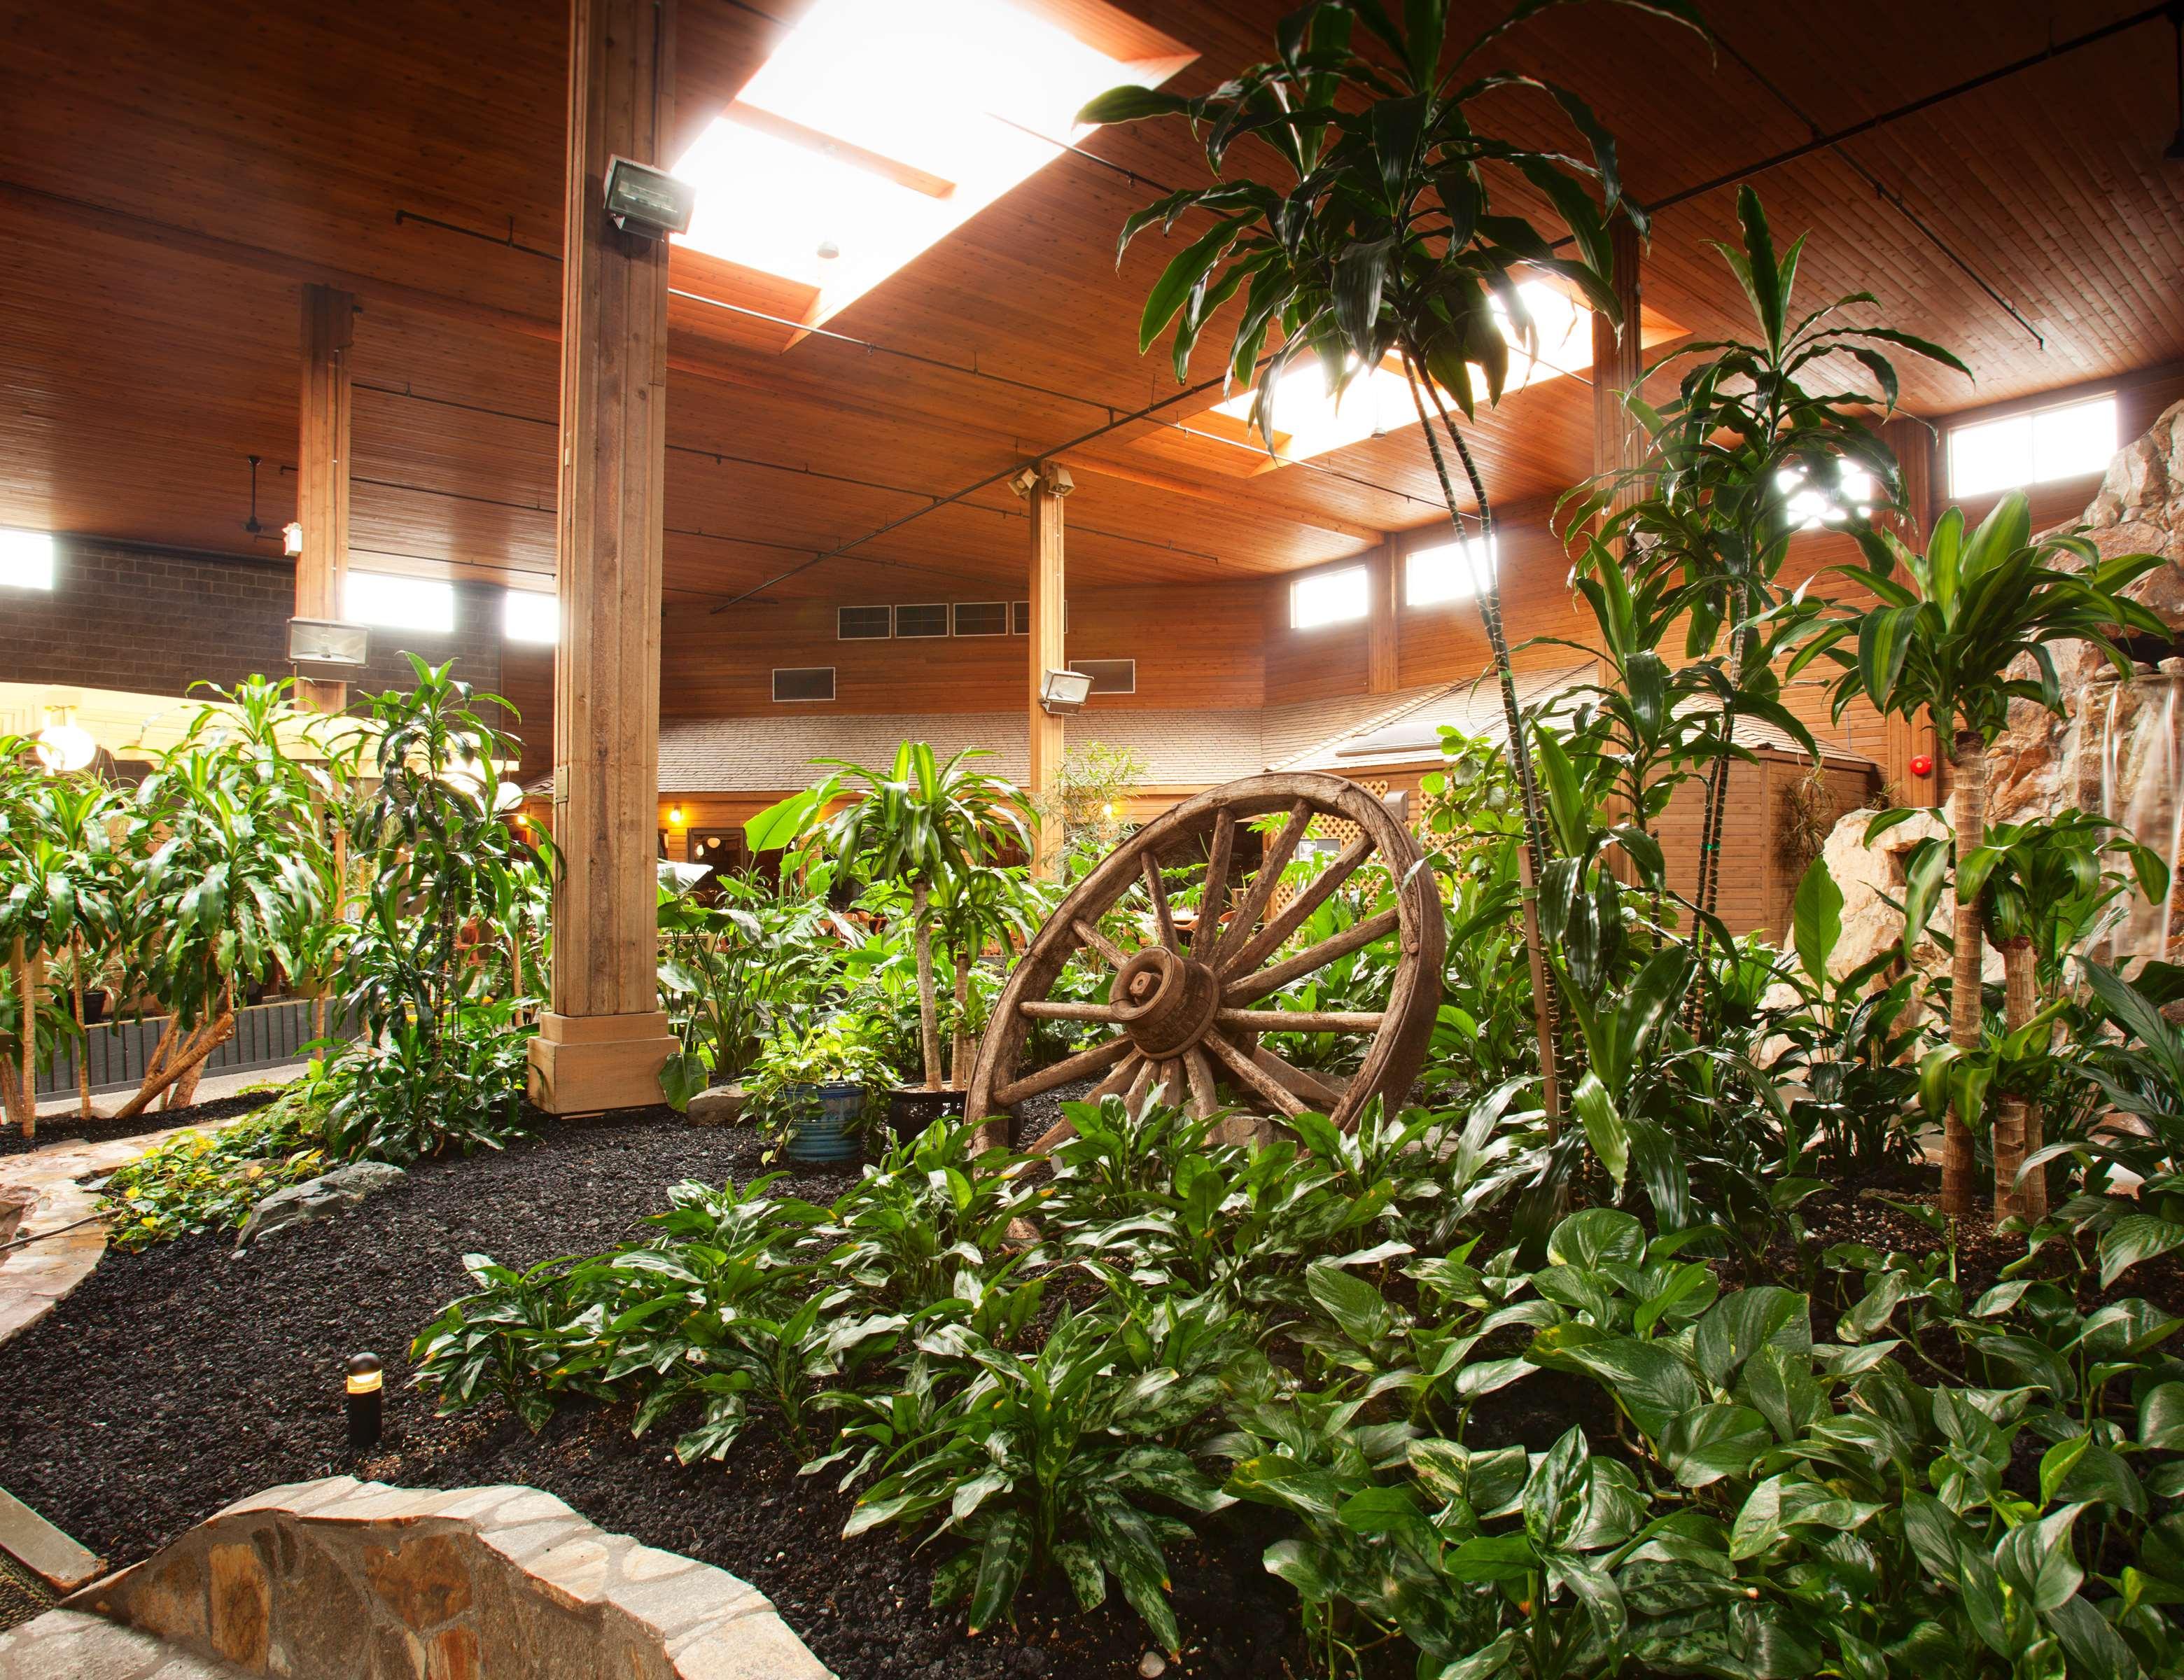 Surestay Hotel By Best Western Chilliwack in Chilliwack: Tropical Atrium Garden